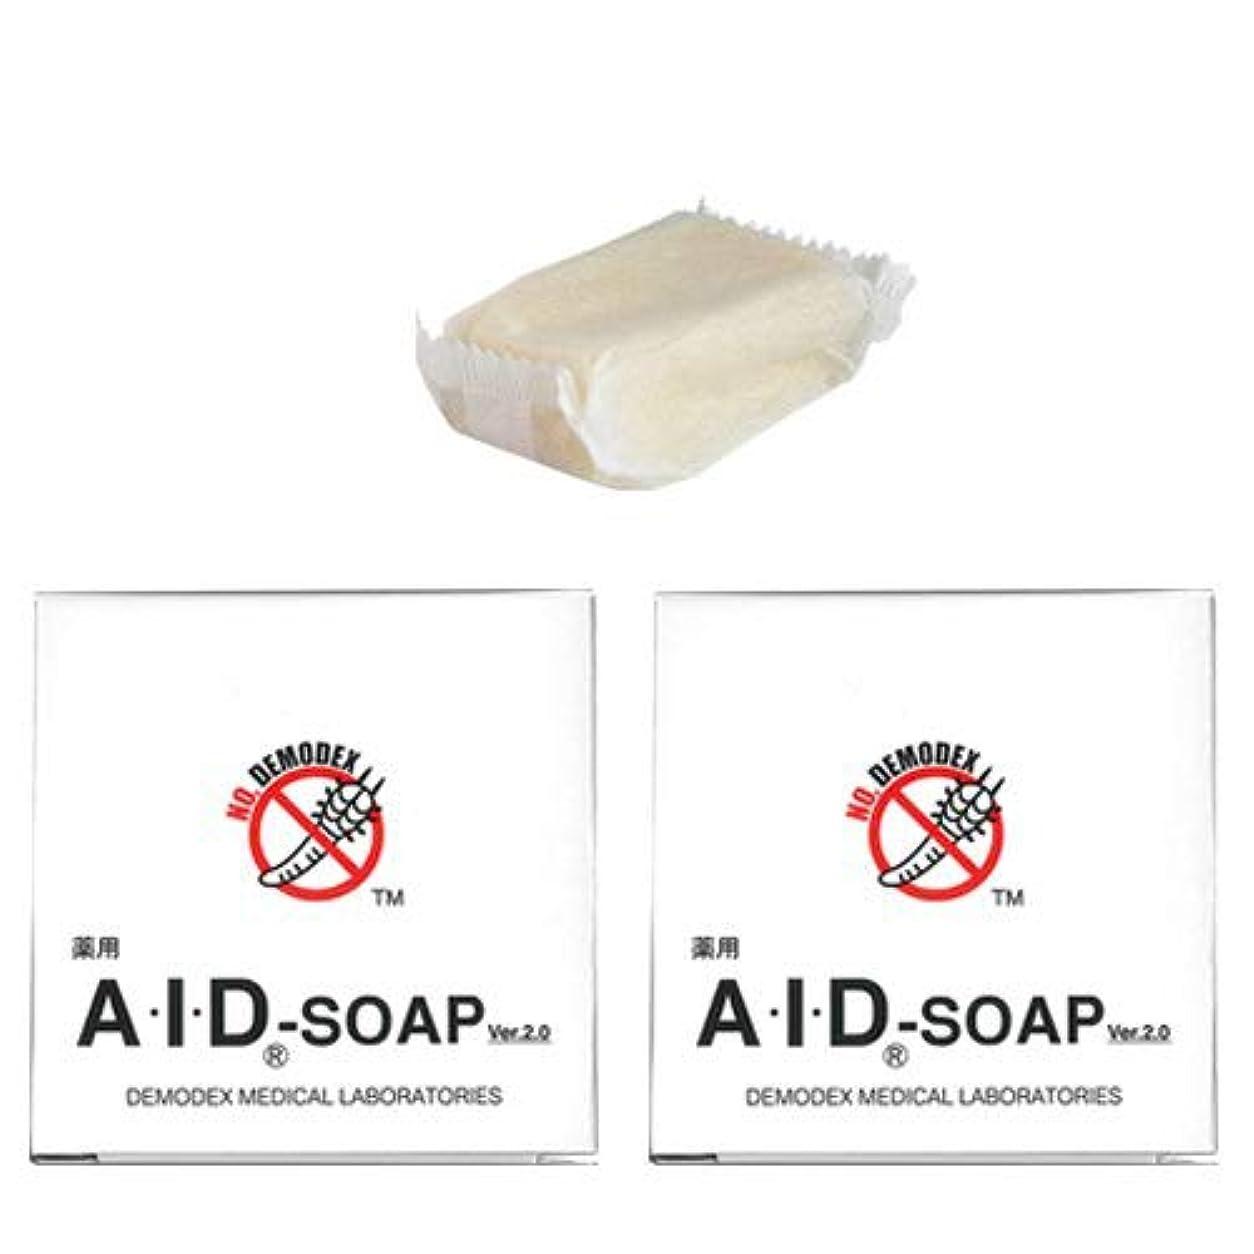 反抗野心的悪化させる薬用AIDソープ (40g×2、30g×1 計3個セット)